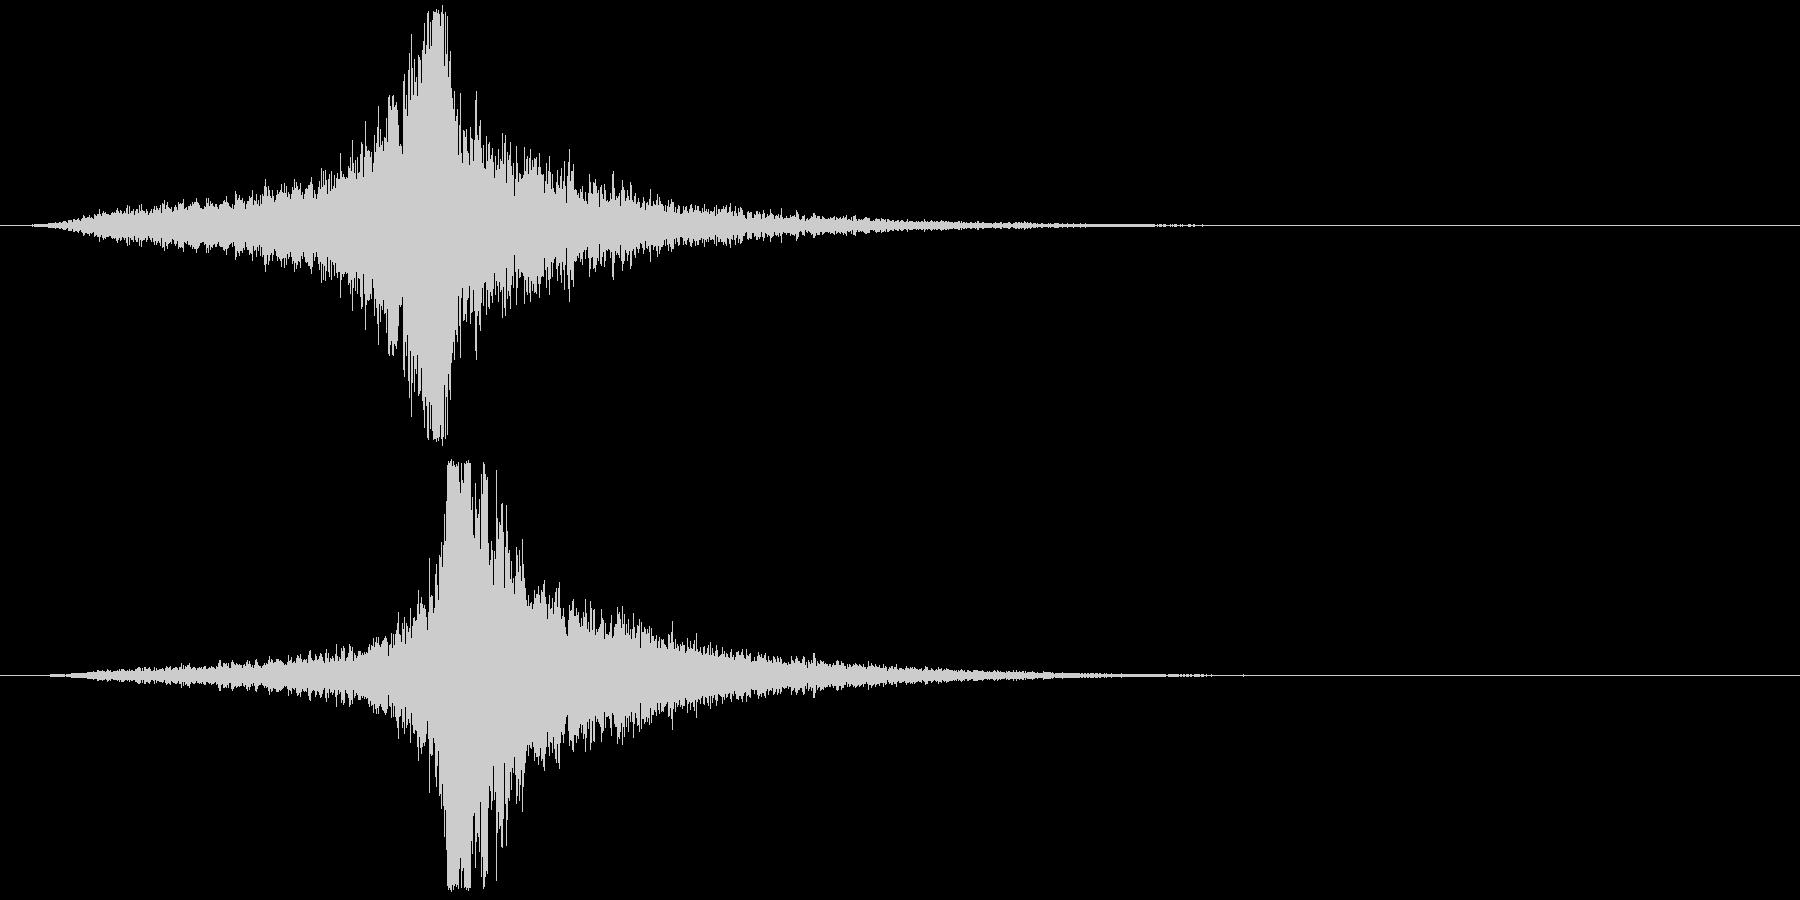 宇宙船・飛翔体#4通過 左〜右の未再生の波形